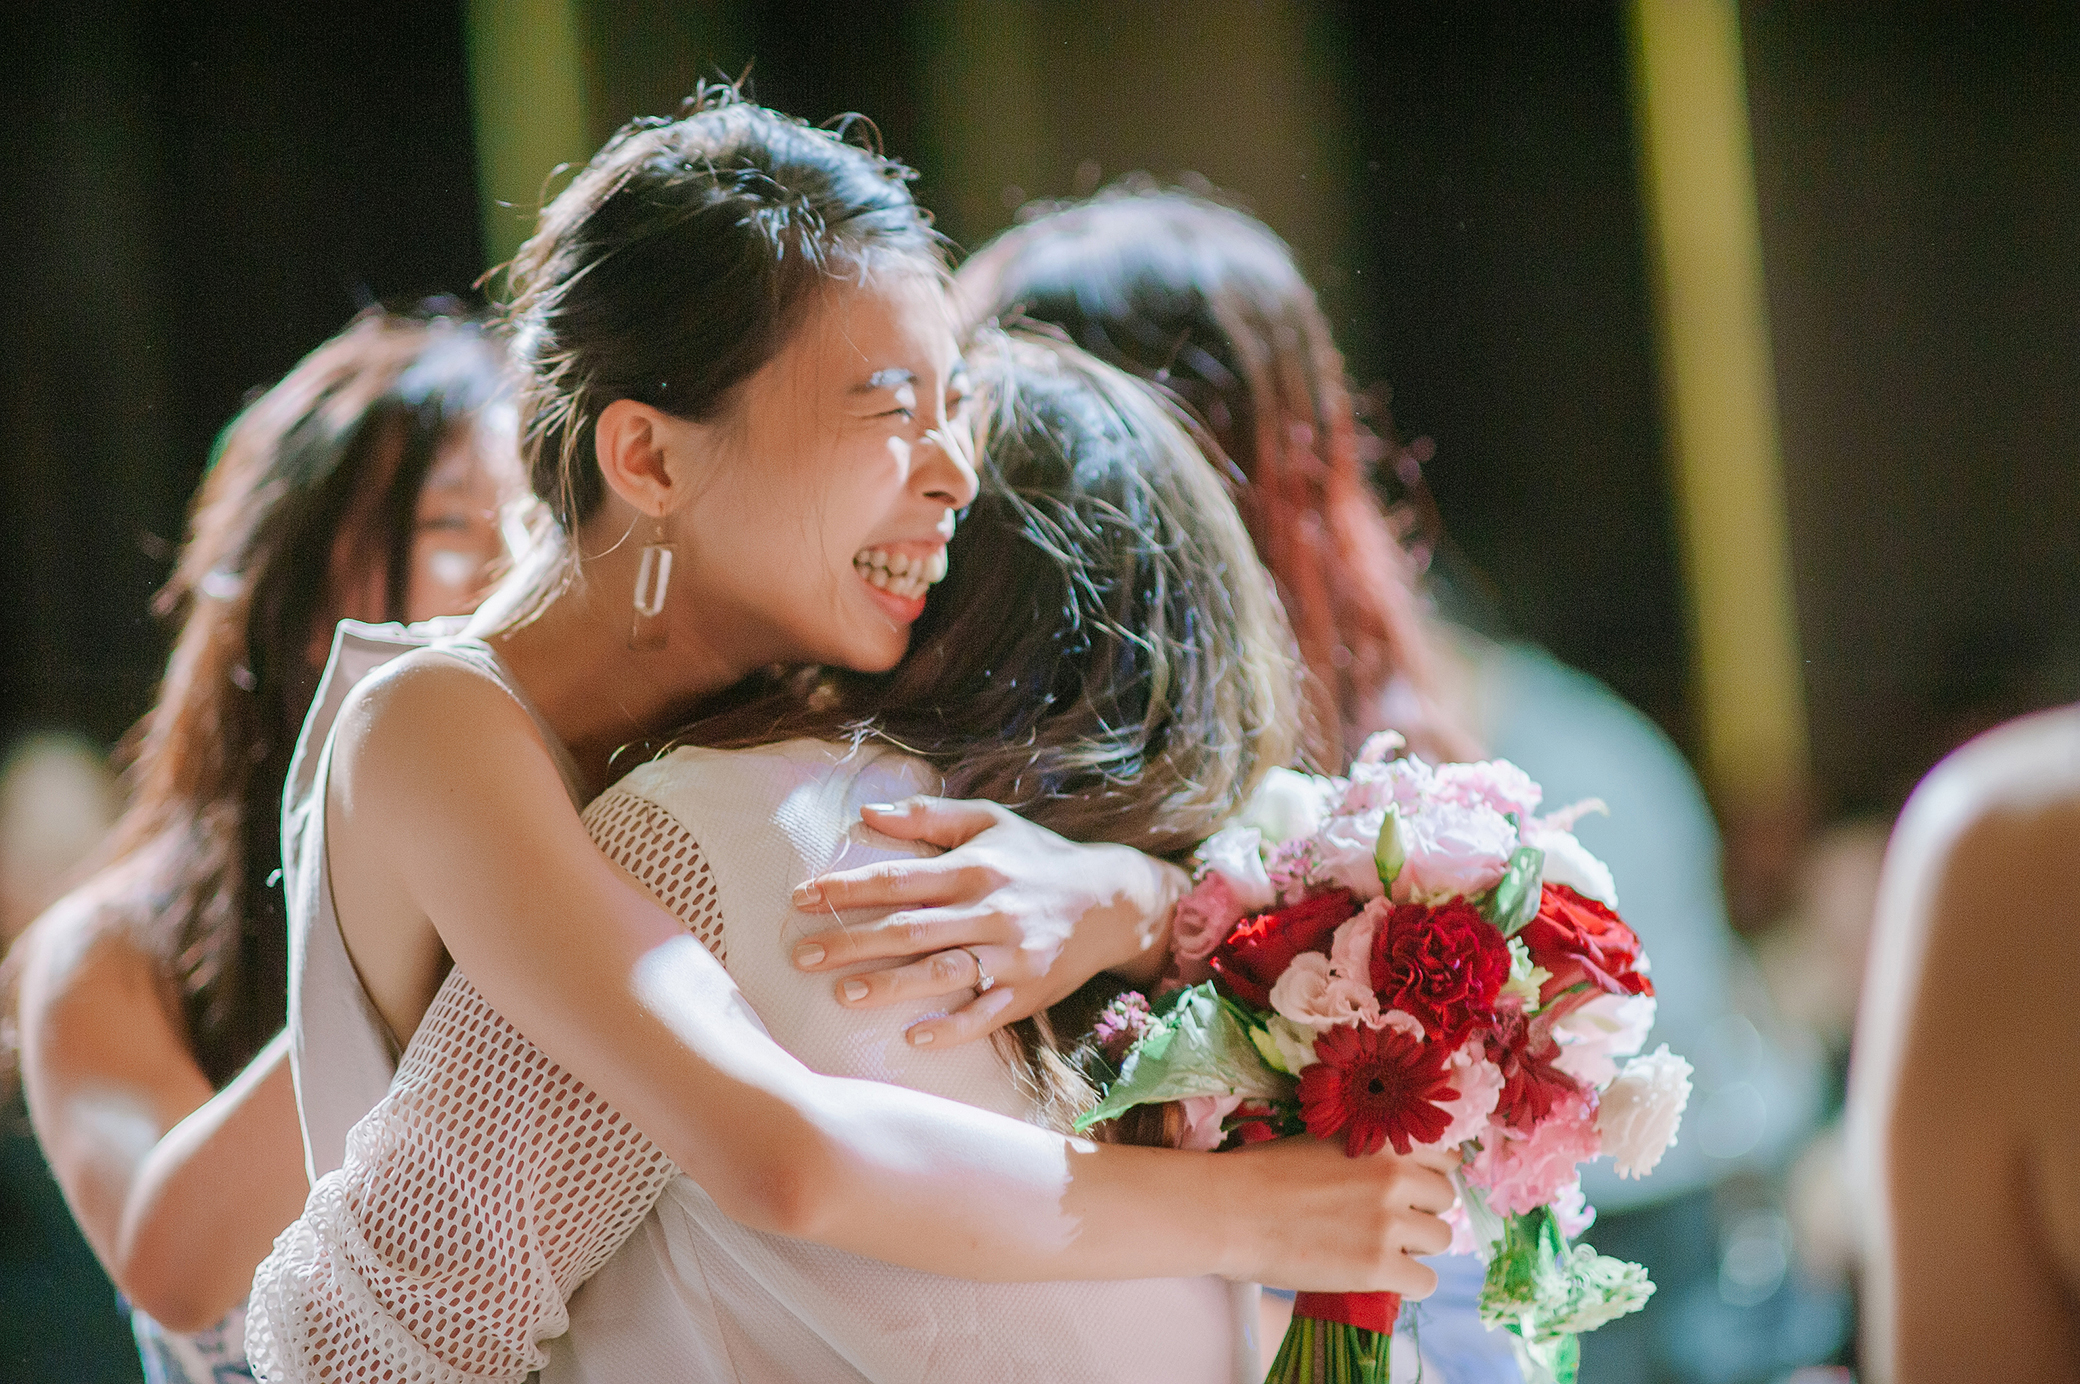 nickchang-wedding-%e5%af%92%e8%88%8d%e8%89%be%e9%ba%97-fineart-65